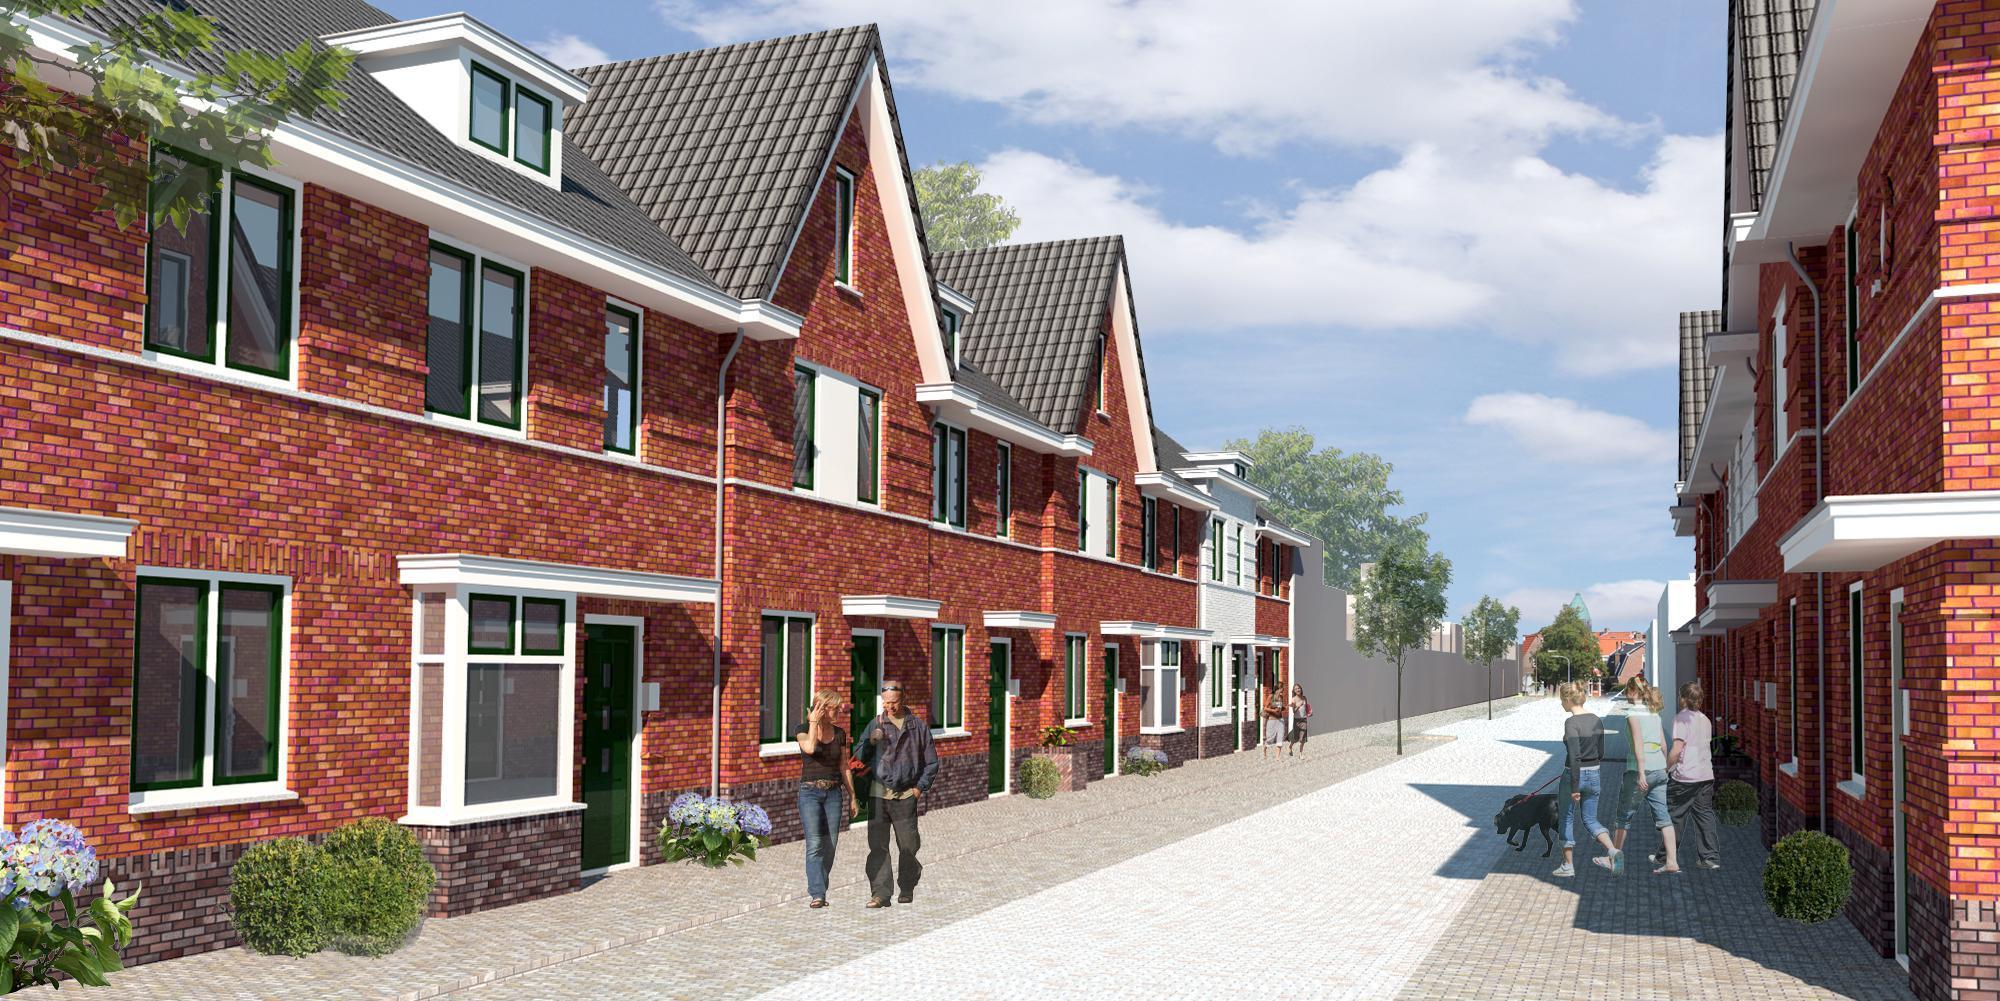 Hoorne Vastgoed, een van de grootste huizenbouwers in Haarlem, krijgt een nieuwe directeur